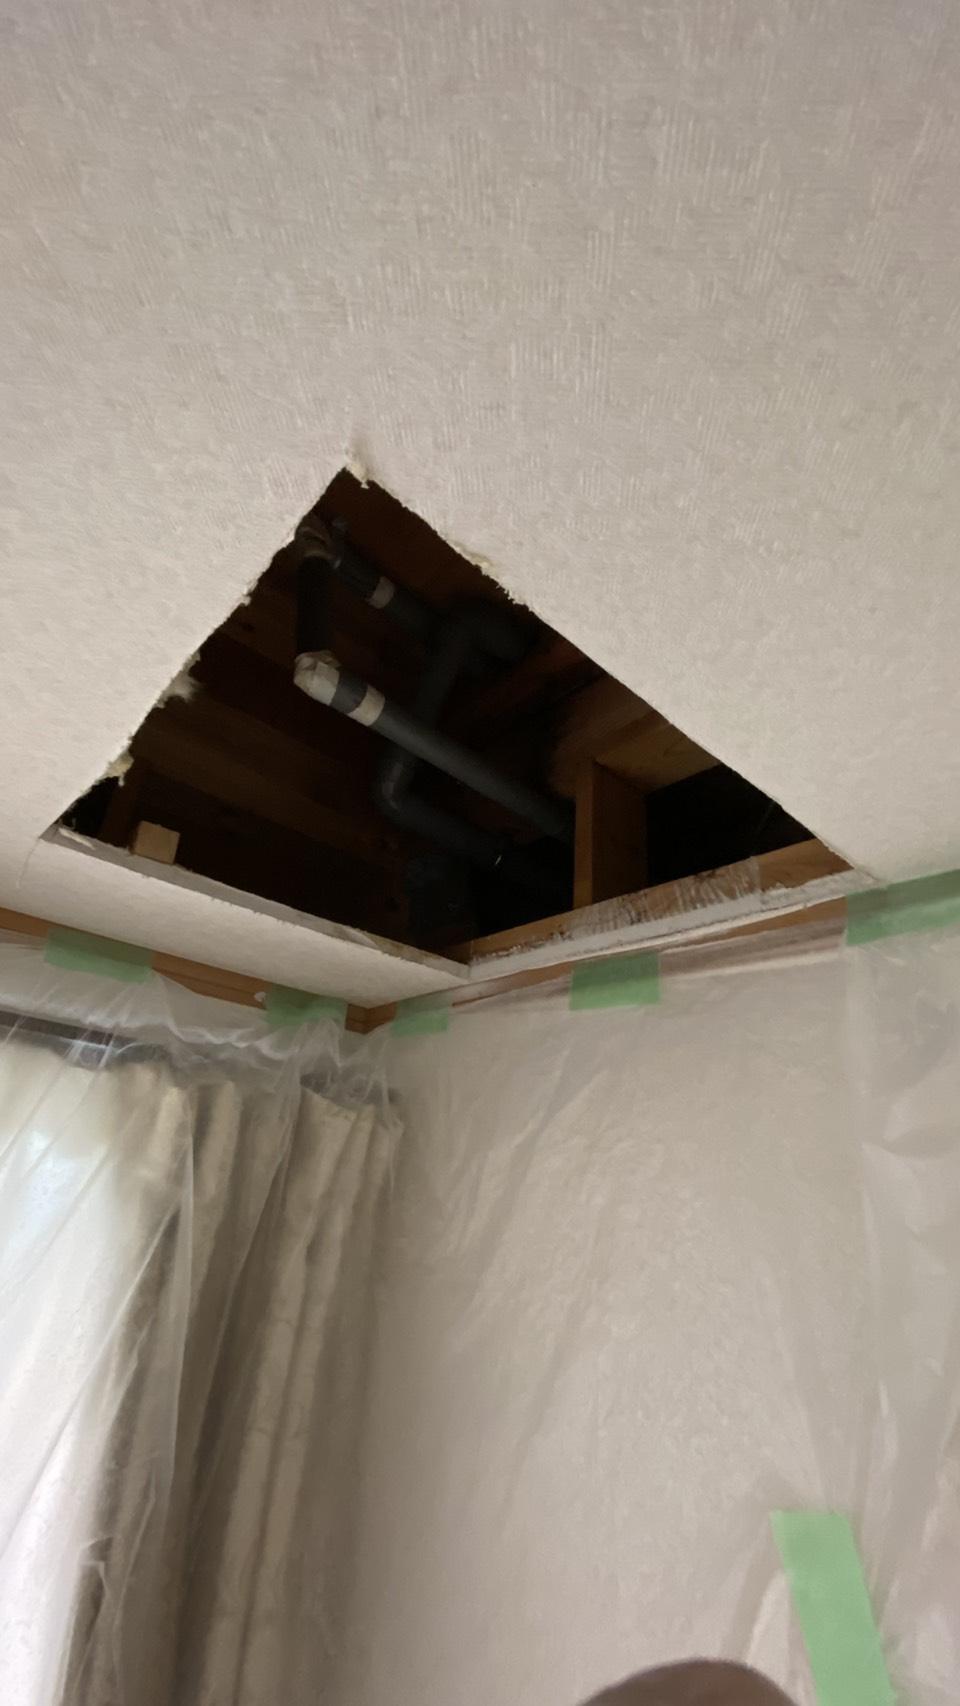 雨漏りの原因となっている排水管を調査するために天井に開口を開けた様子